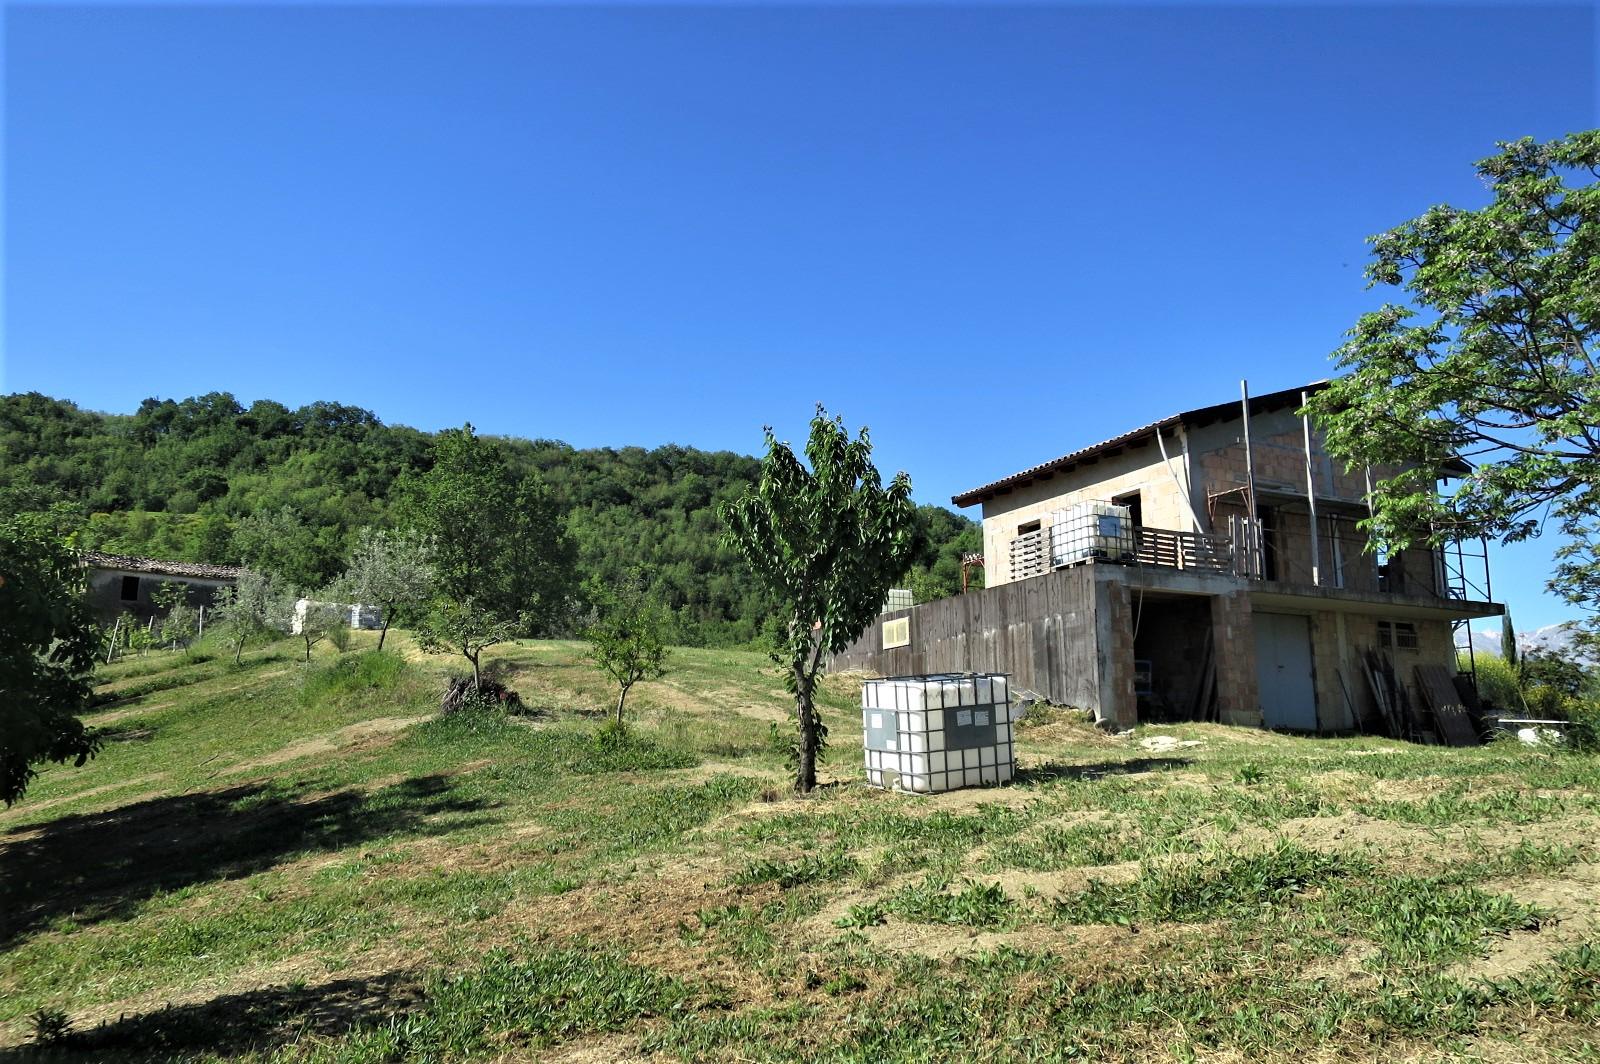 Country Houses Country Houses for sale Castiglione Messer Raimondo (TE), Casa Paradiso - Castiglione Messer Raimondo - EUR 181.096 550